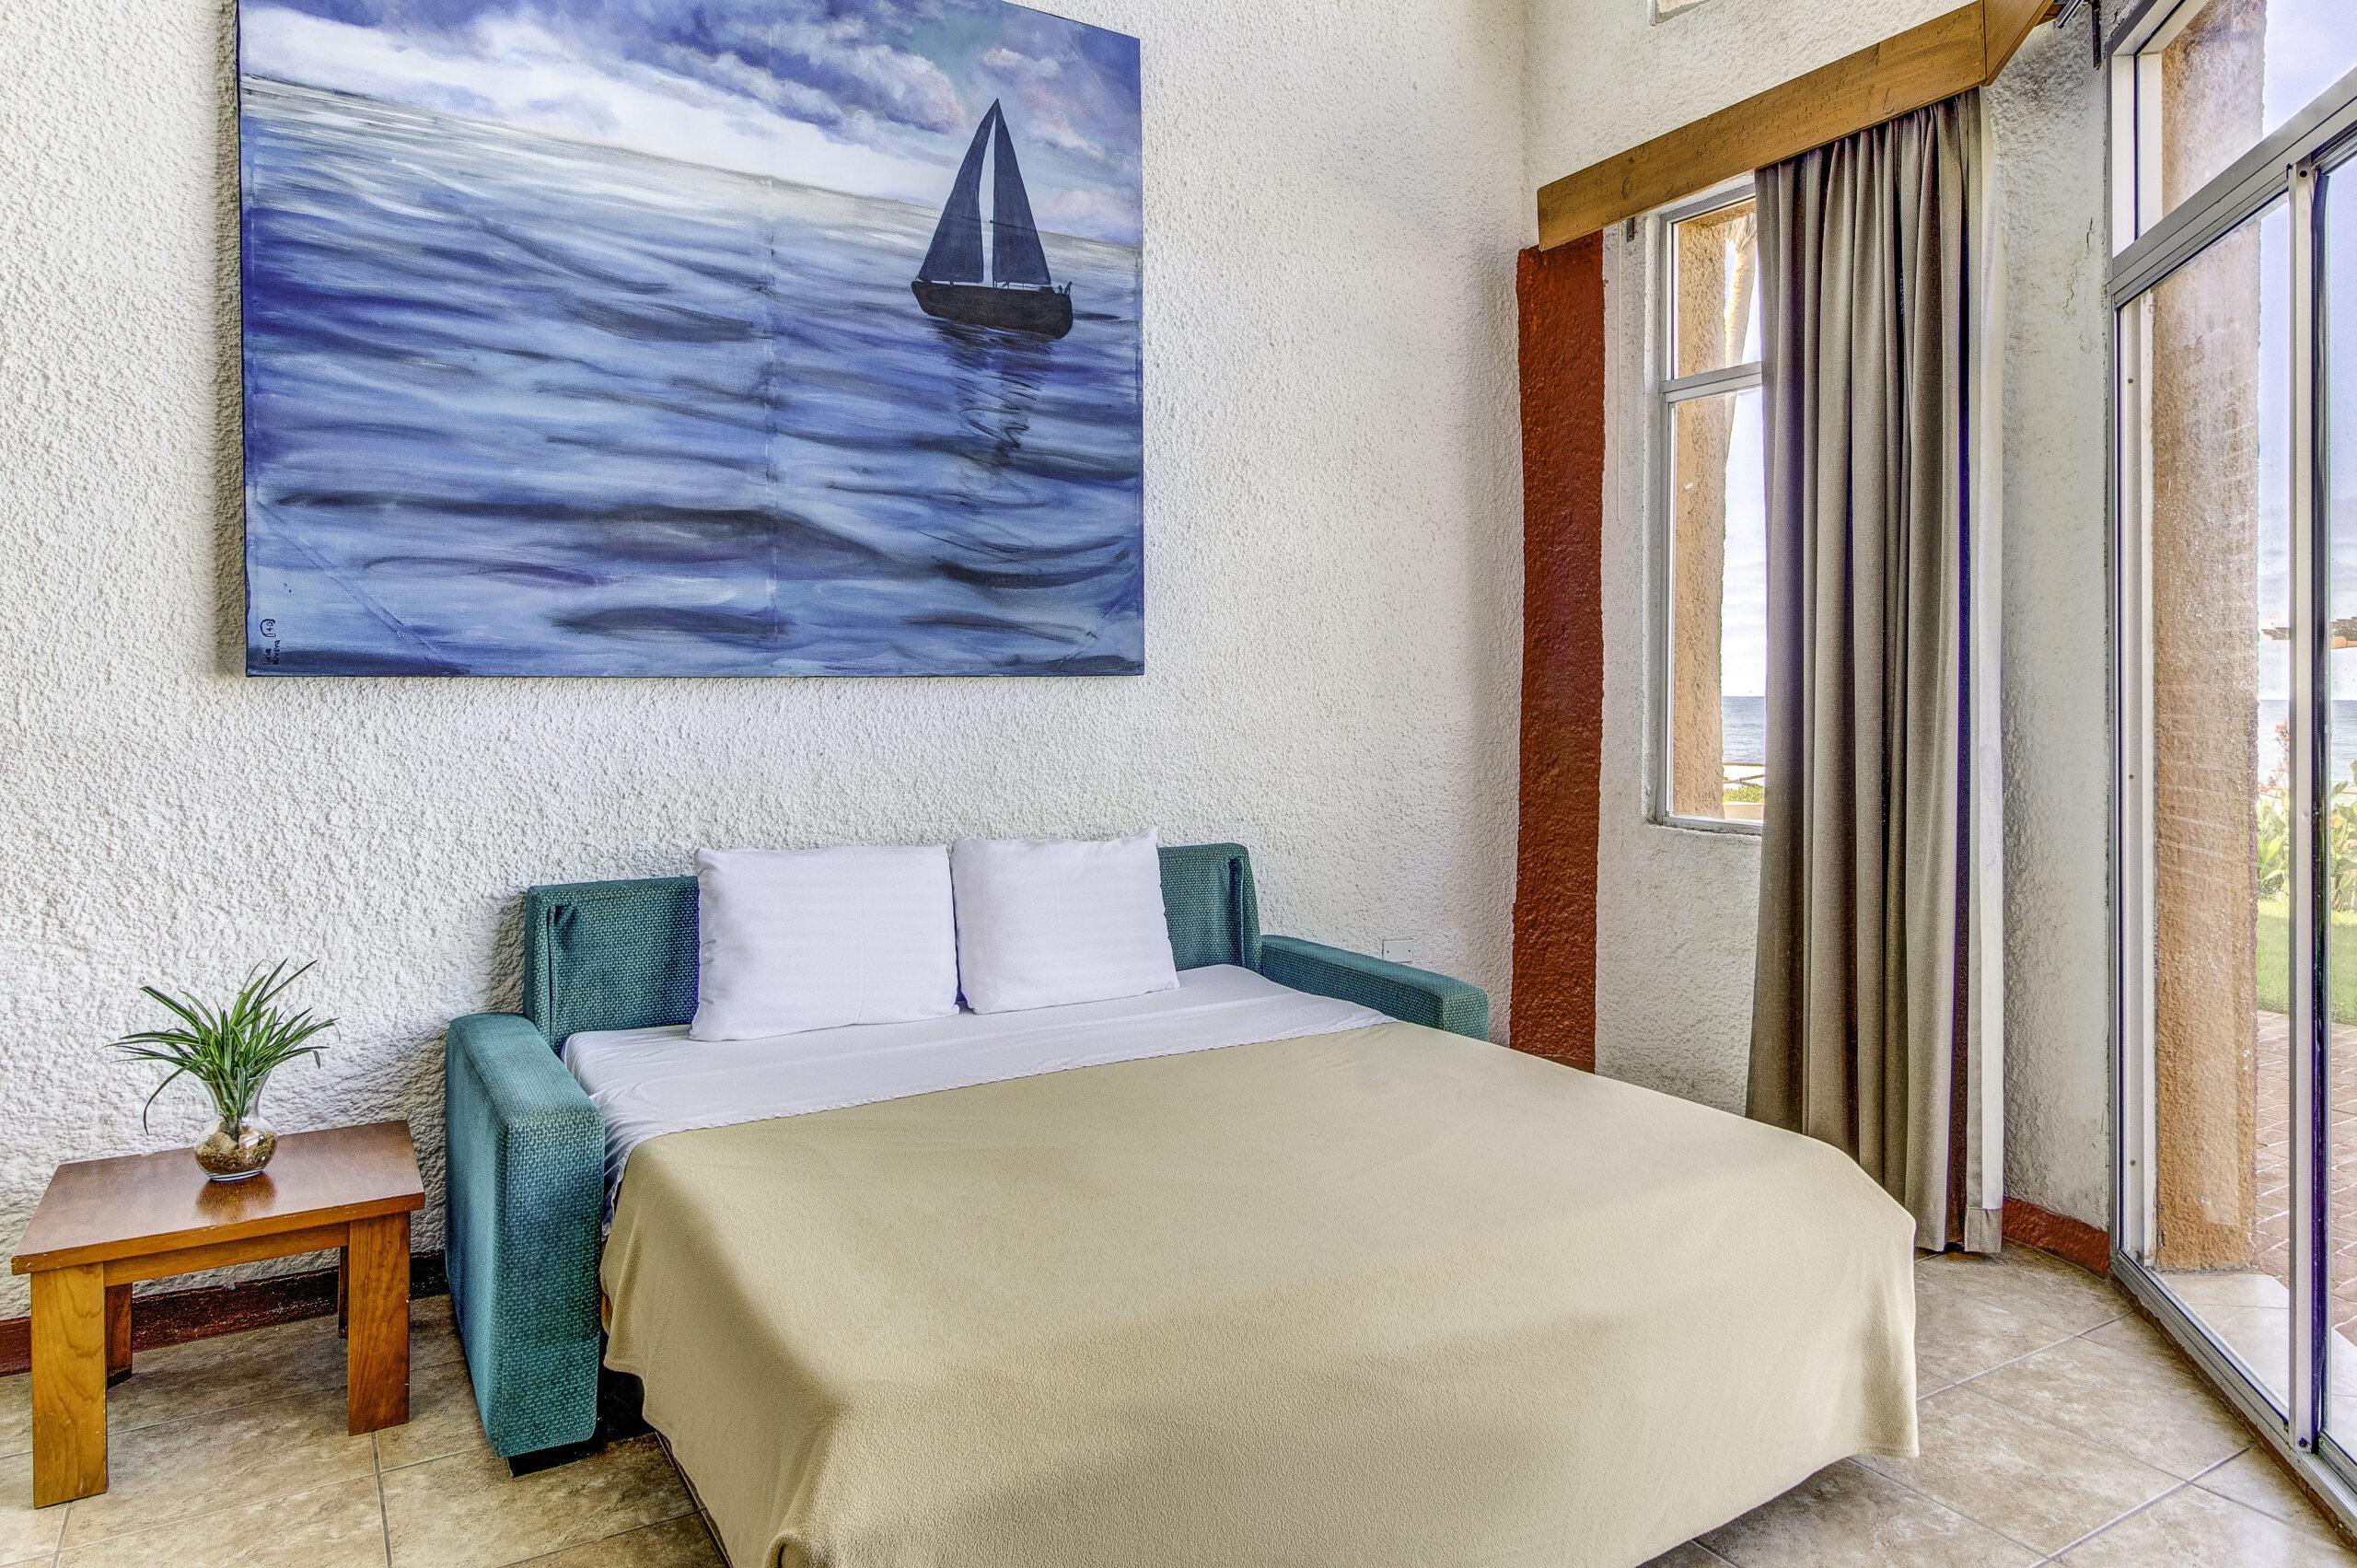 2 Bedroom Ocean Front Villa 1st Floor With Patio